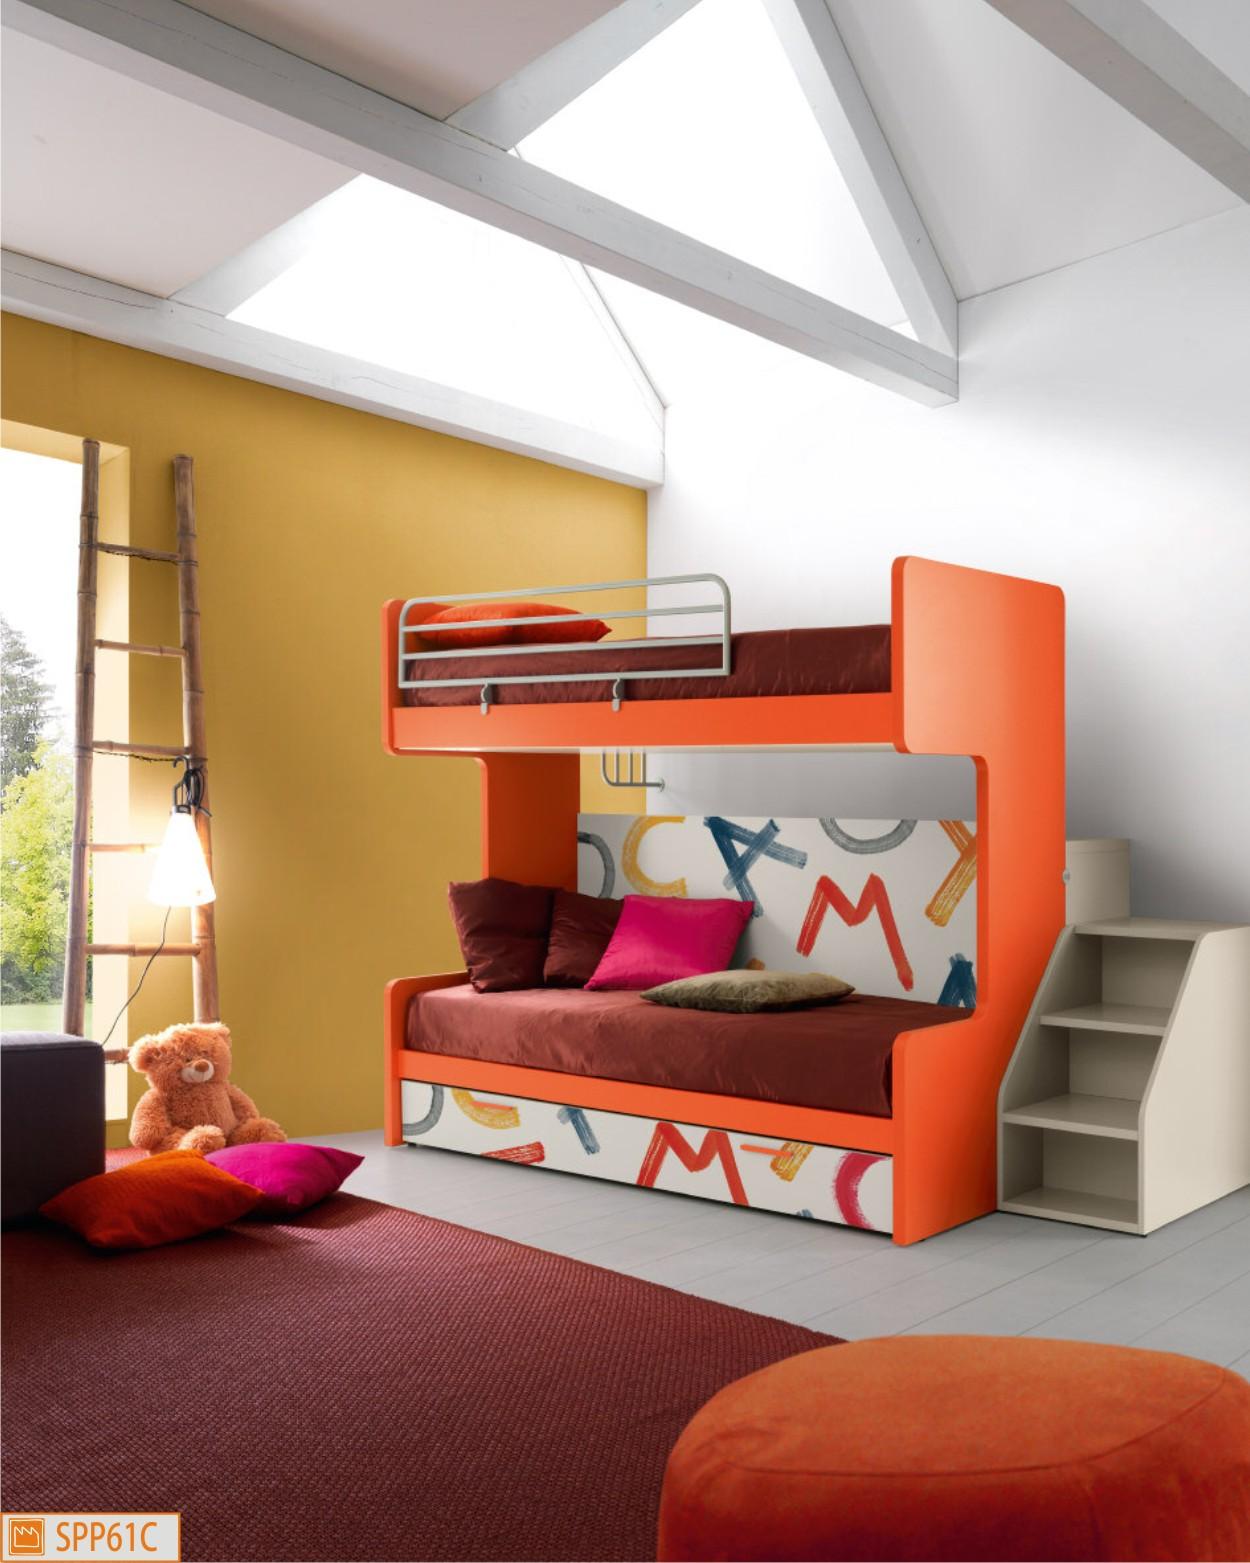 Letti a castello   camerette moderne per ragazzi